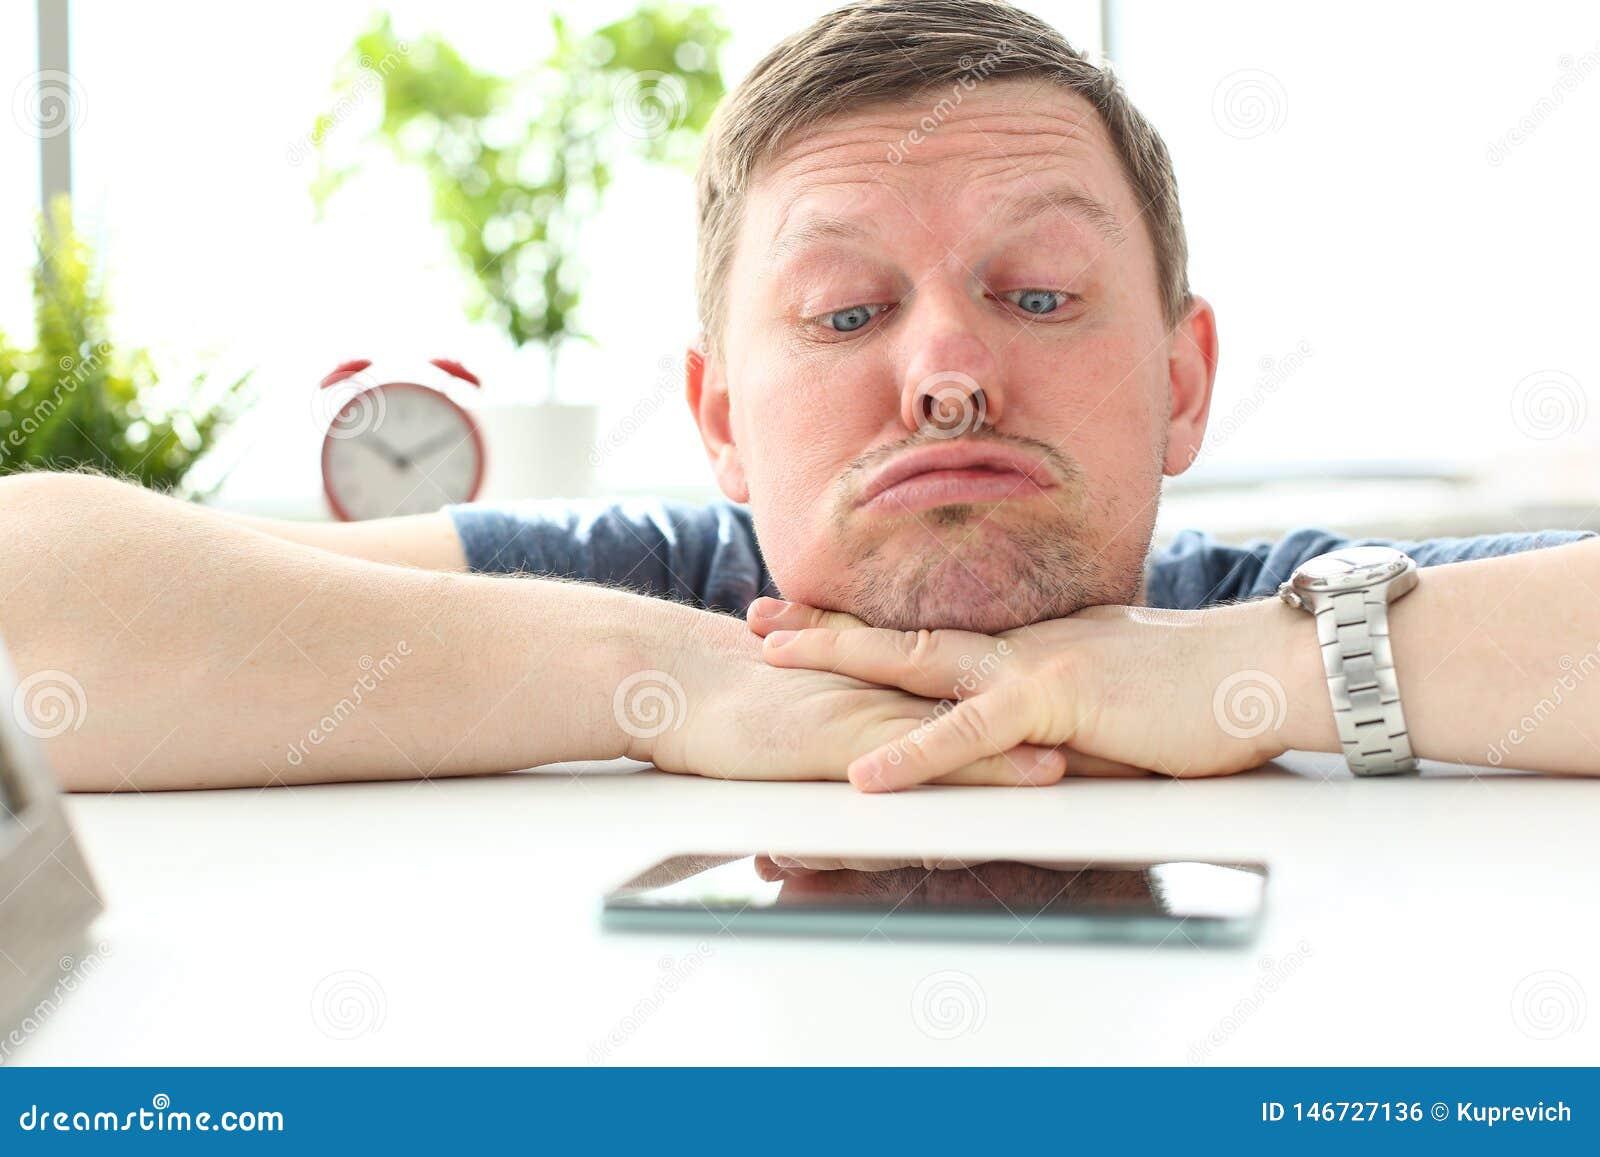 Άτομο με την αστεία έκφραση του προσώπου που κοιτάζει επίμονα στο κινητό τηλέφωνο